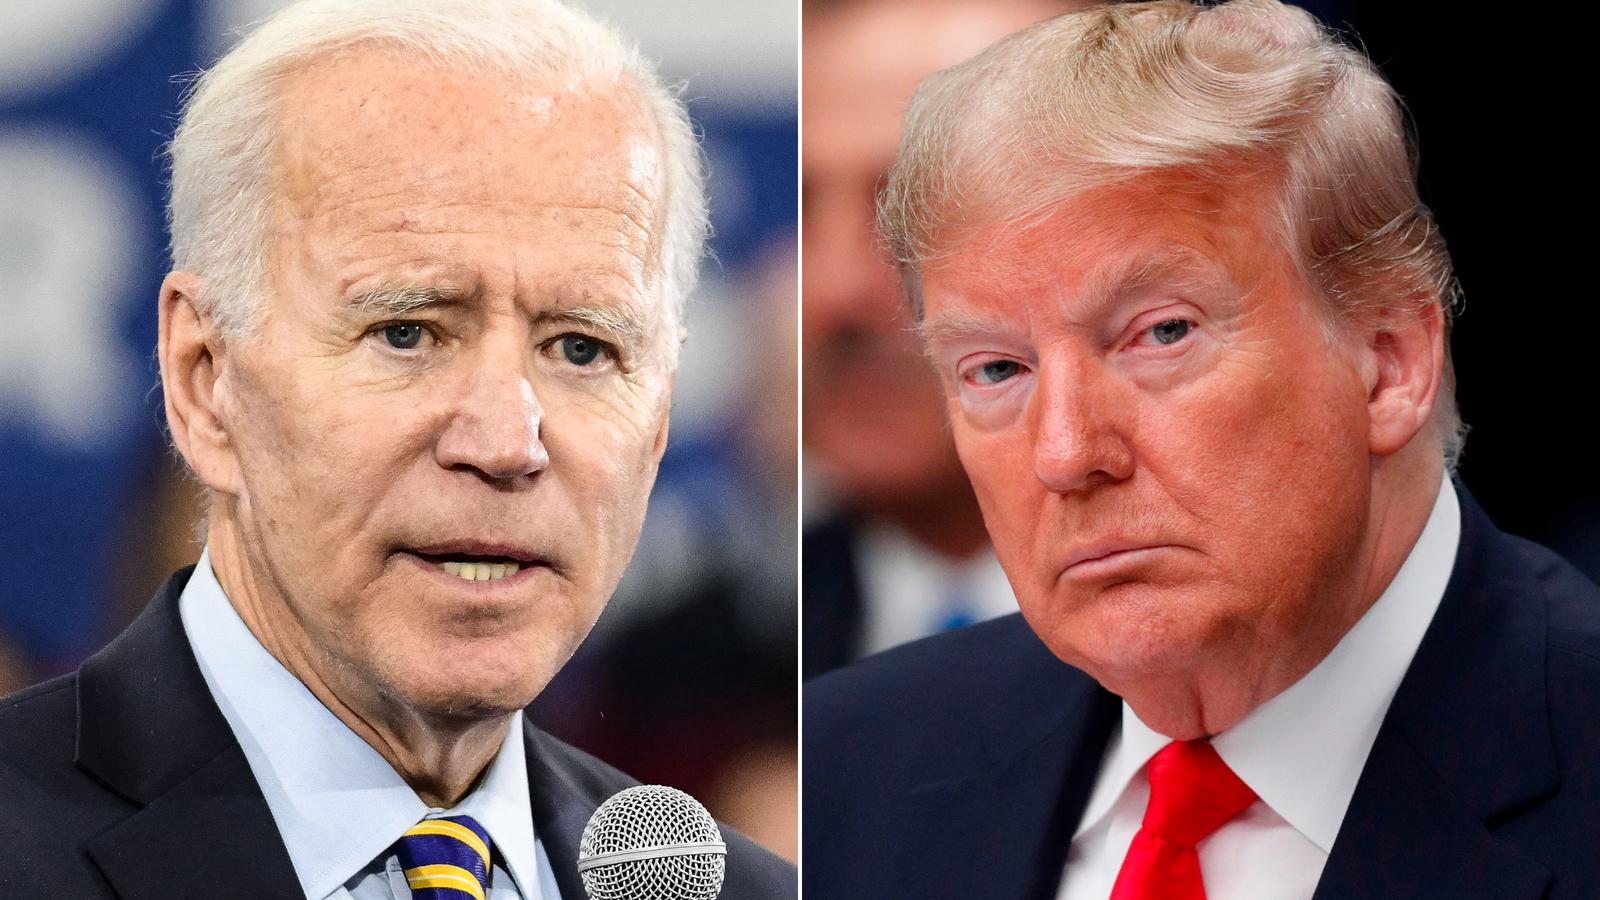 Biden and Trump speak by phone about coronavirus response